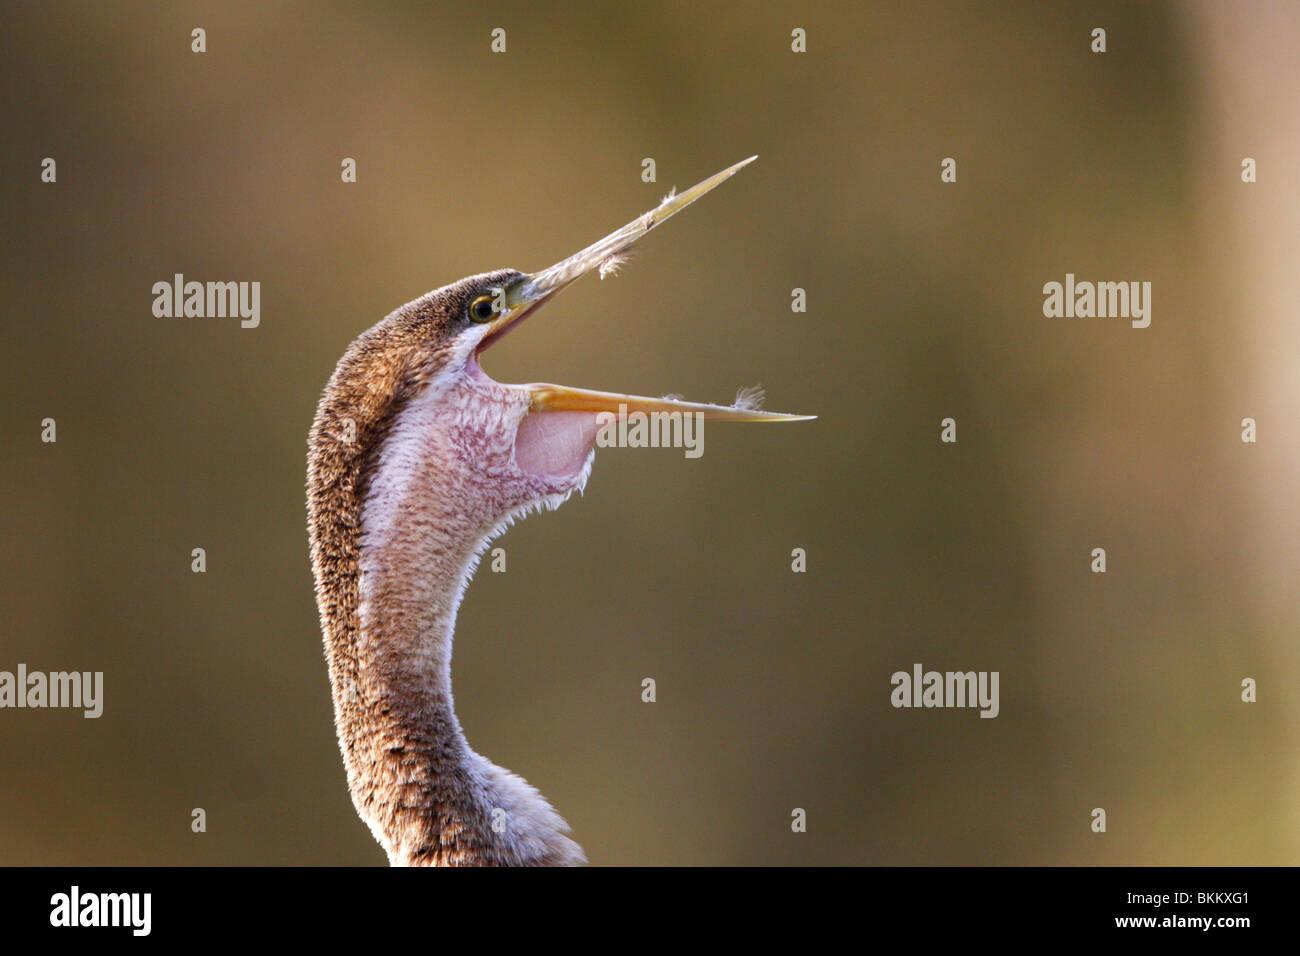 Afrikanischen Darter Vogel, mit der Aufforderung, Kruger Park, Südafrika Stockbild